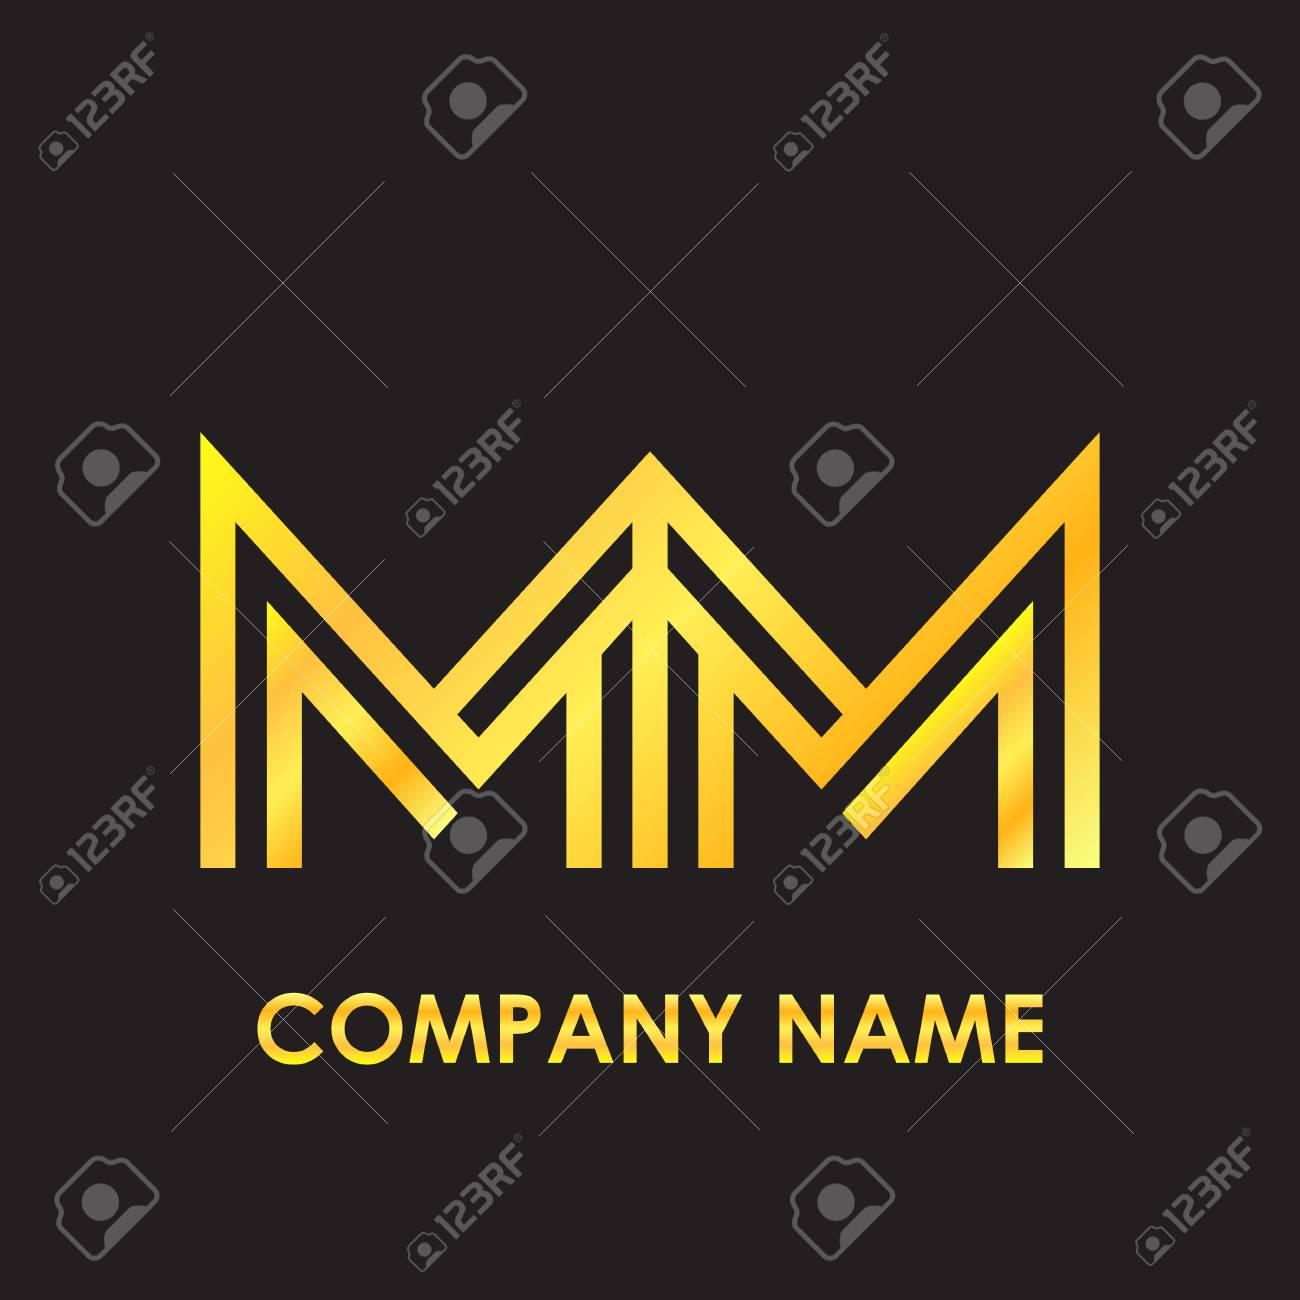 Lettre Initiale Lettre élégante Or Recroquevillé Logo De Modèle De Variation En Arrière Plan Noir